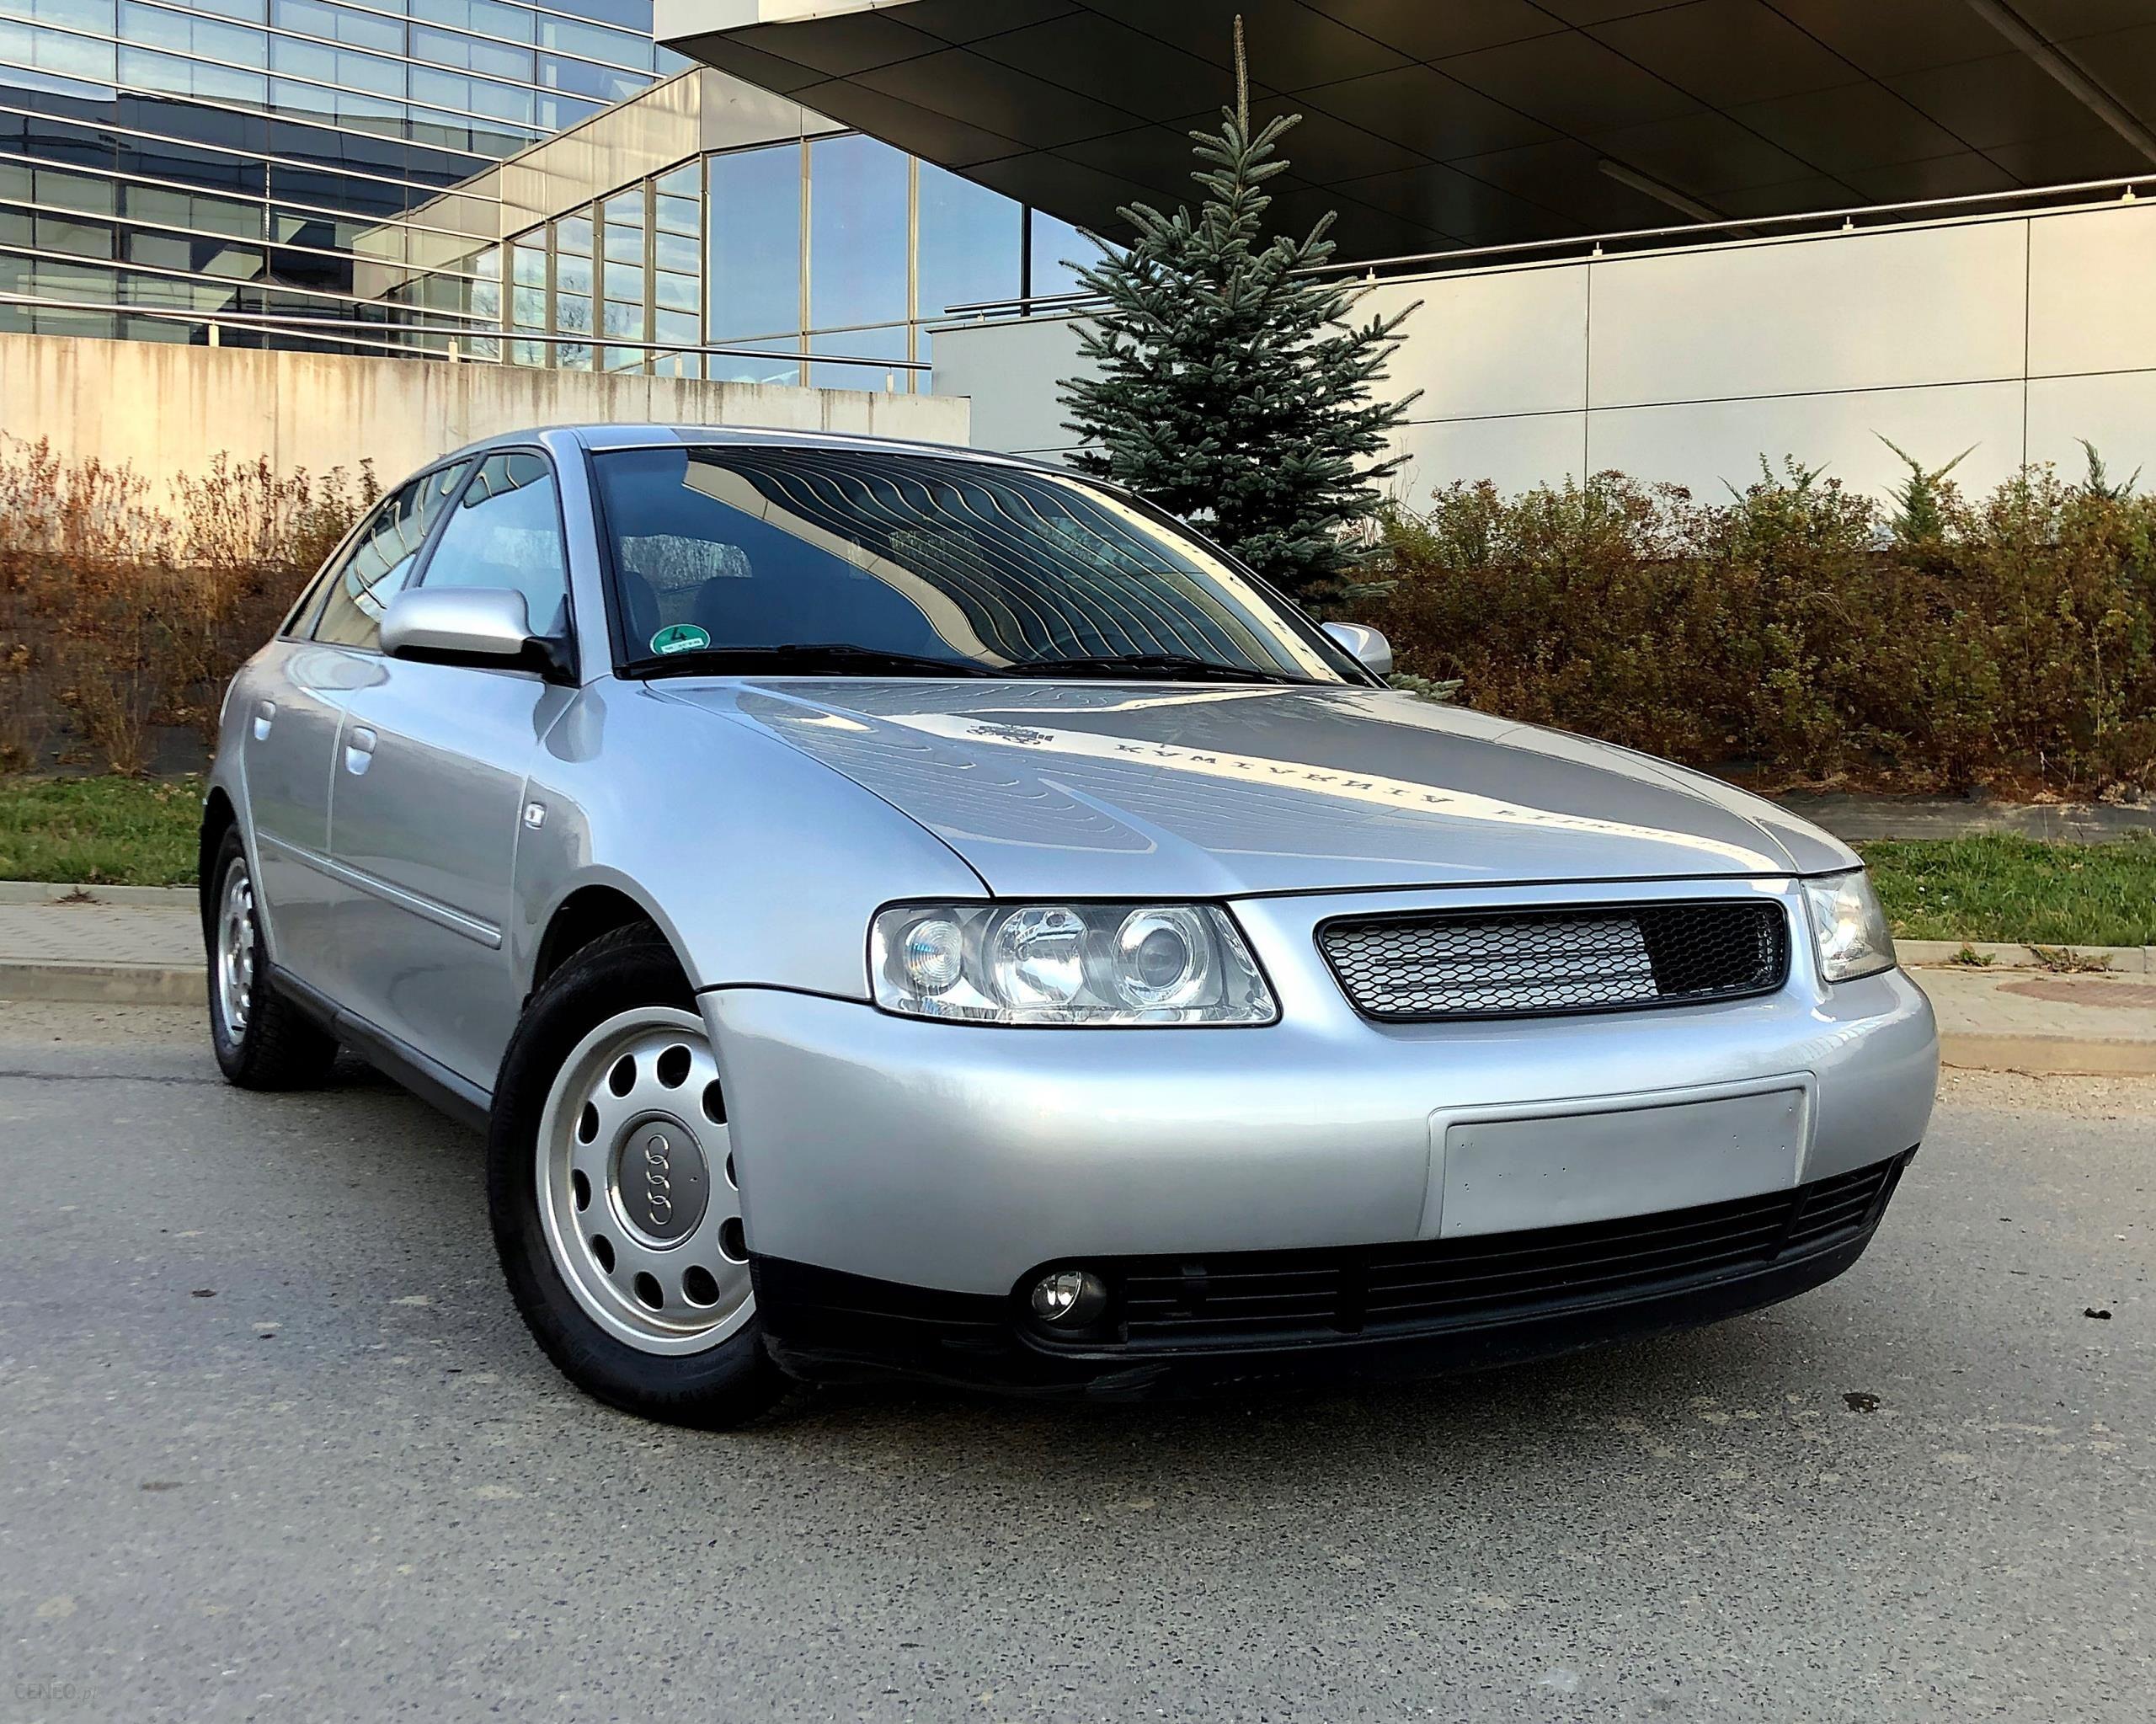 Audi A3 8l 1 6benz 5 Drzwi Ks Serw Z Niemiec Opinie I Ceny Na Ceneo Pl